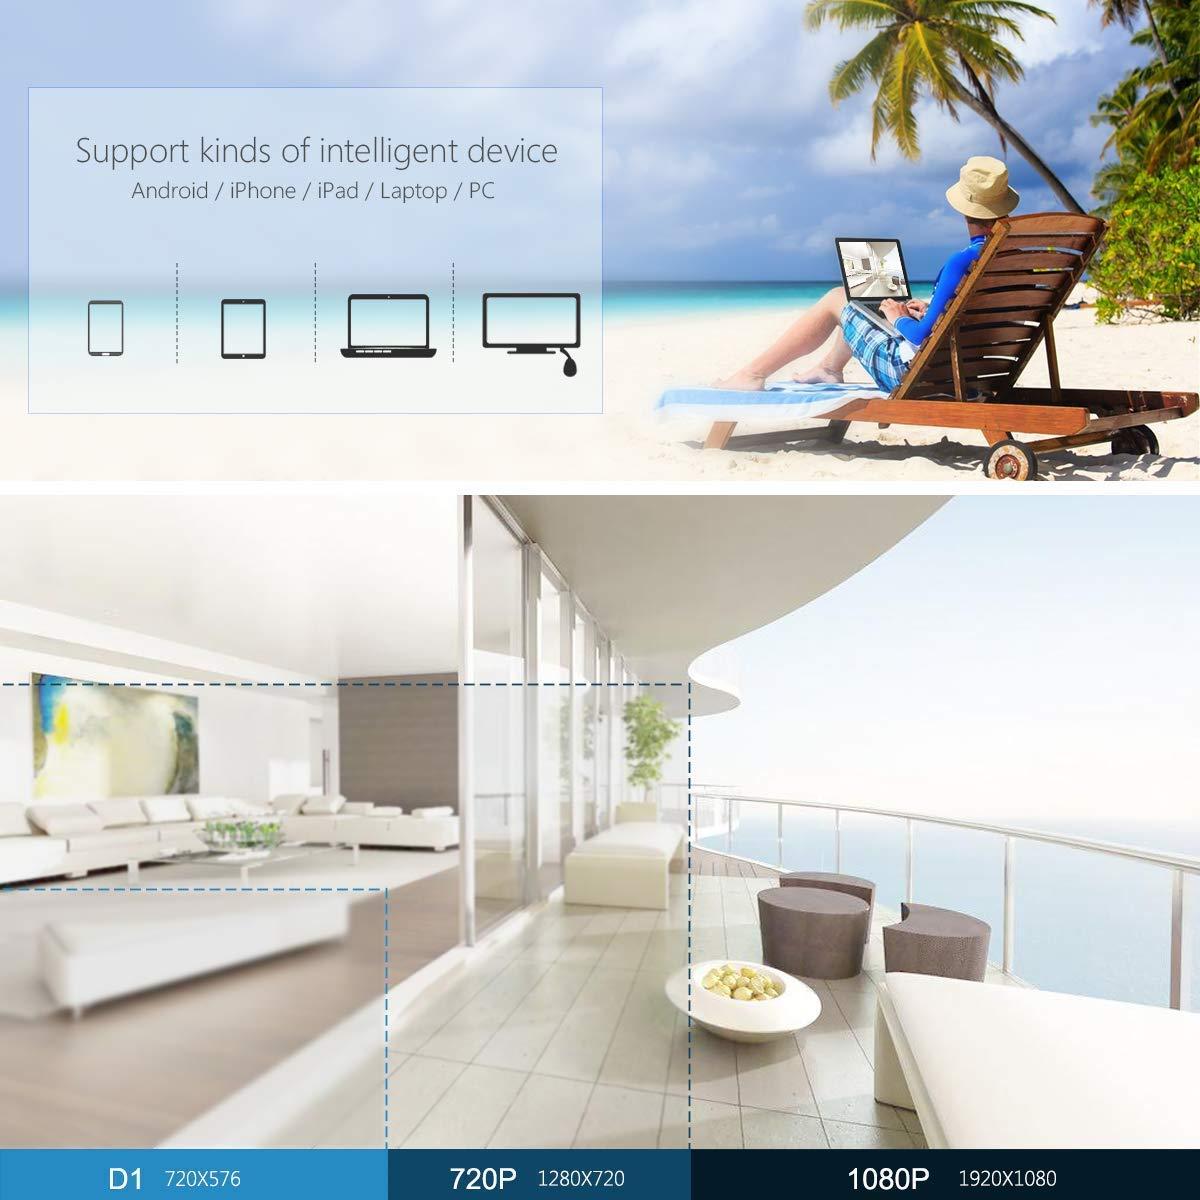 sistema di videosorveglianza wireless Full HD 4CH 1080P con HDD da 1TB Telecamere Wireless da esterno 4pz da 2,0 MP indoor Vista remota facile da Zoohi Sistema di telecamere di sicurezza Wireless